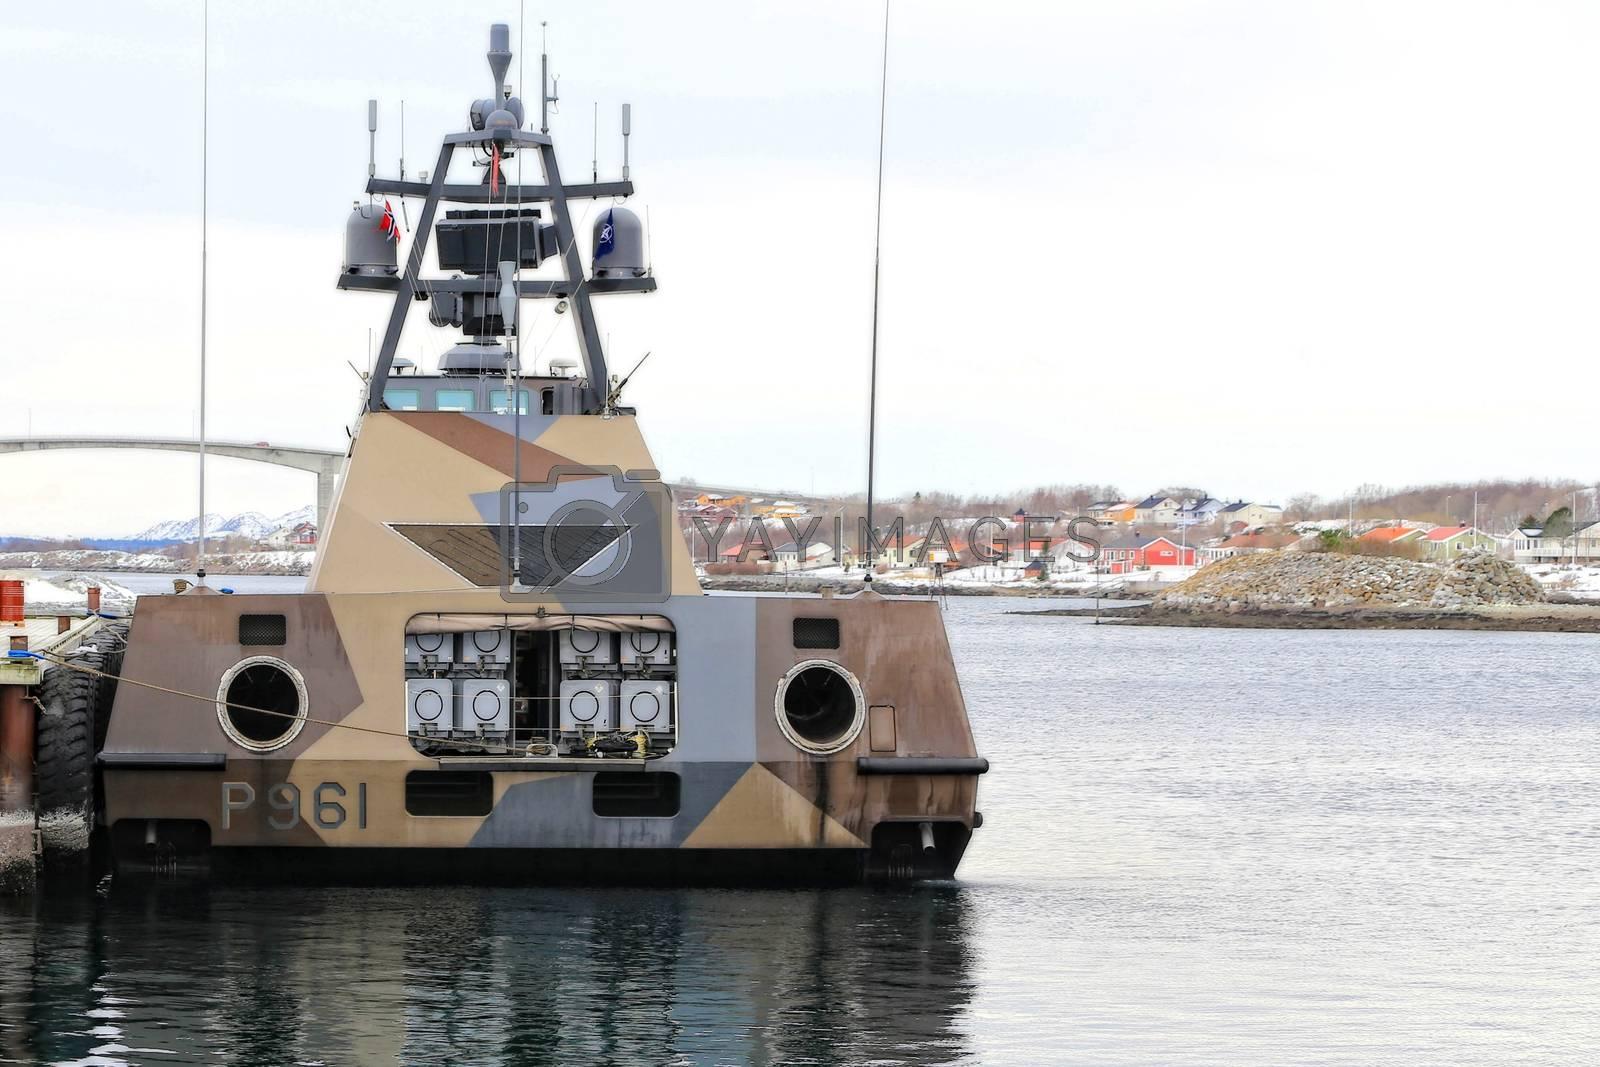 """KNM Storm ved kai i Brønnøysund """"KNM Storm  er et skip i Skjold-klassen, med en toppfart på 60 knop, og en rekkevidde på nesten 1500 kilometer. Skipet er bevæpnet med åtte stykk av Norsk sjømålsmissil som er en mellomdistanse-missil for å angripe fiendetlige skip."""